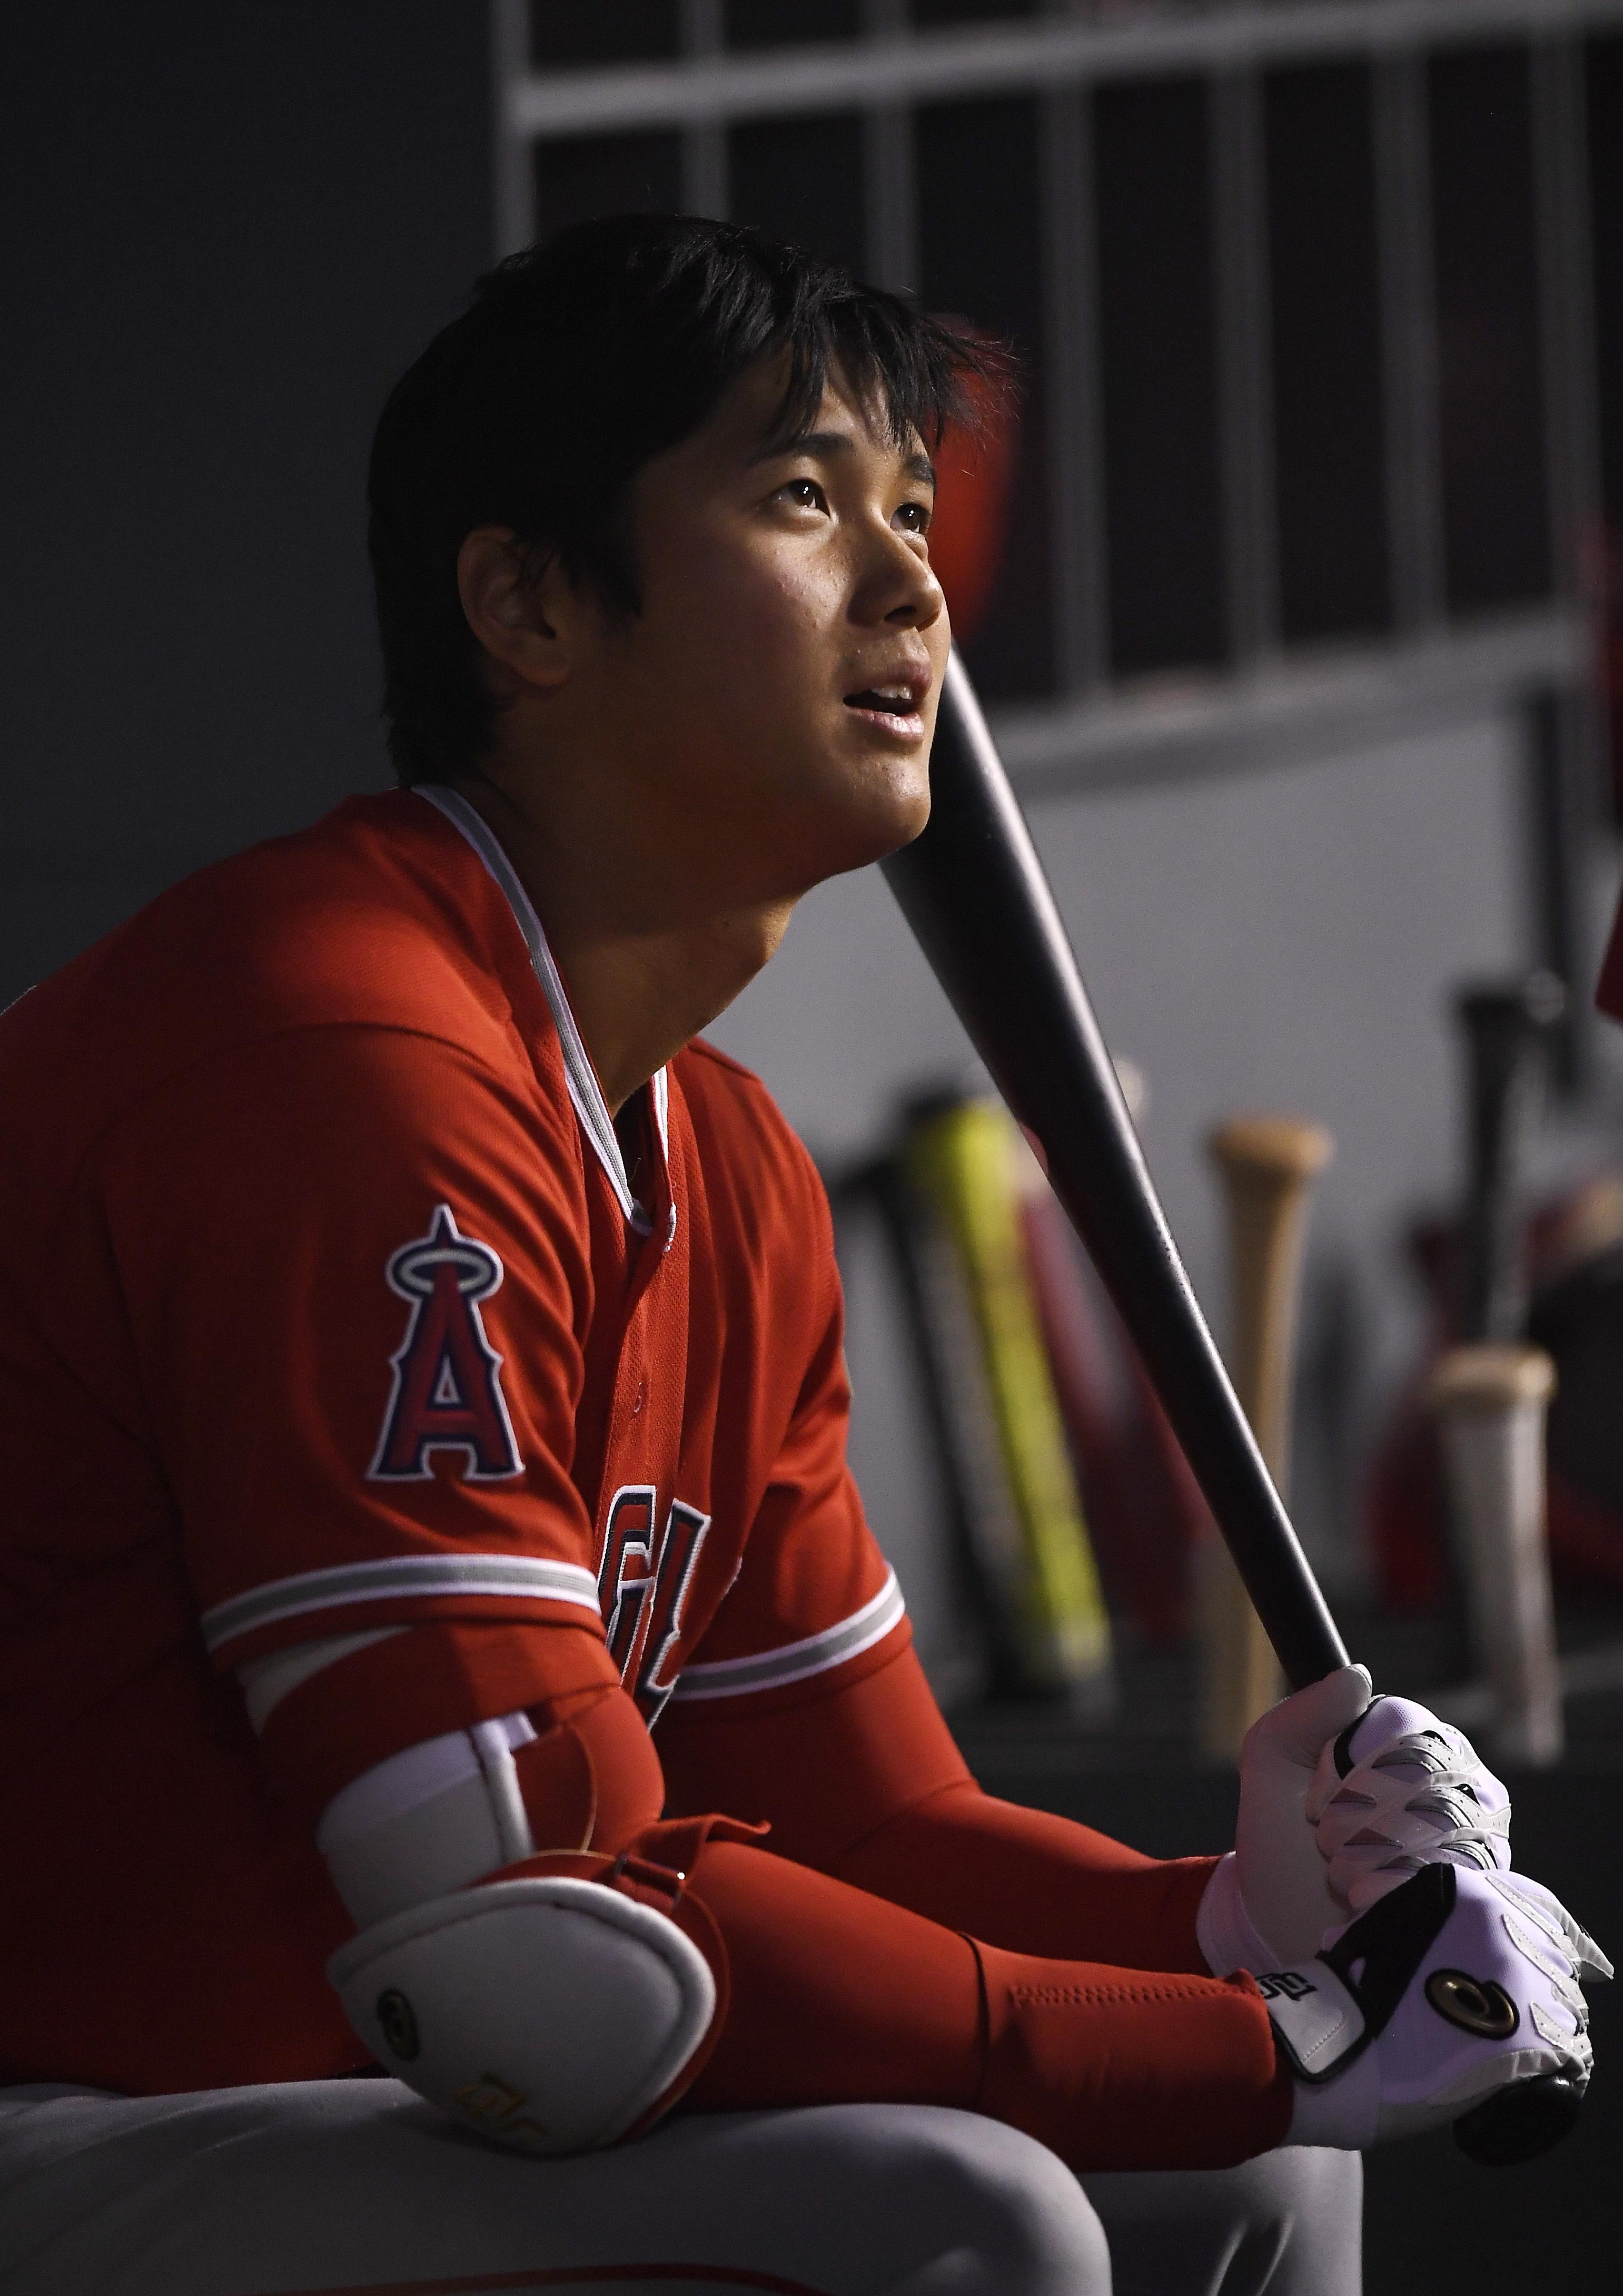 Angels_dodgers_baseball_74124